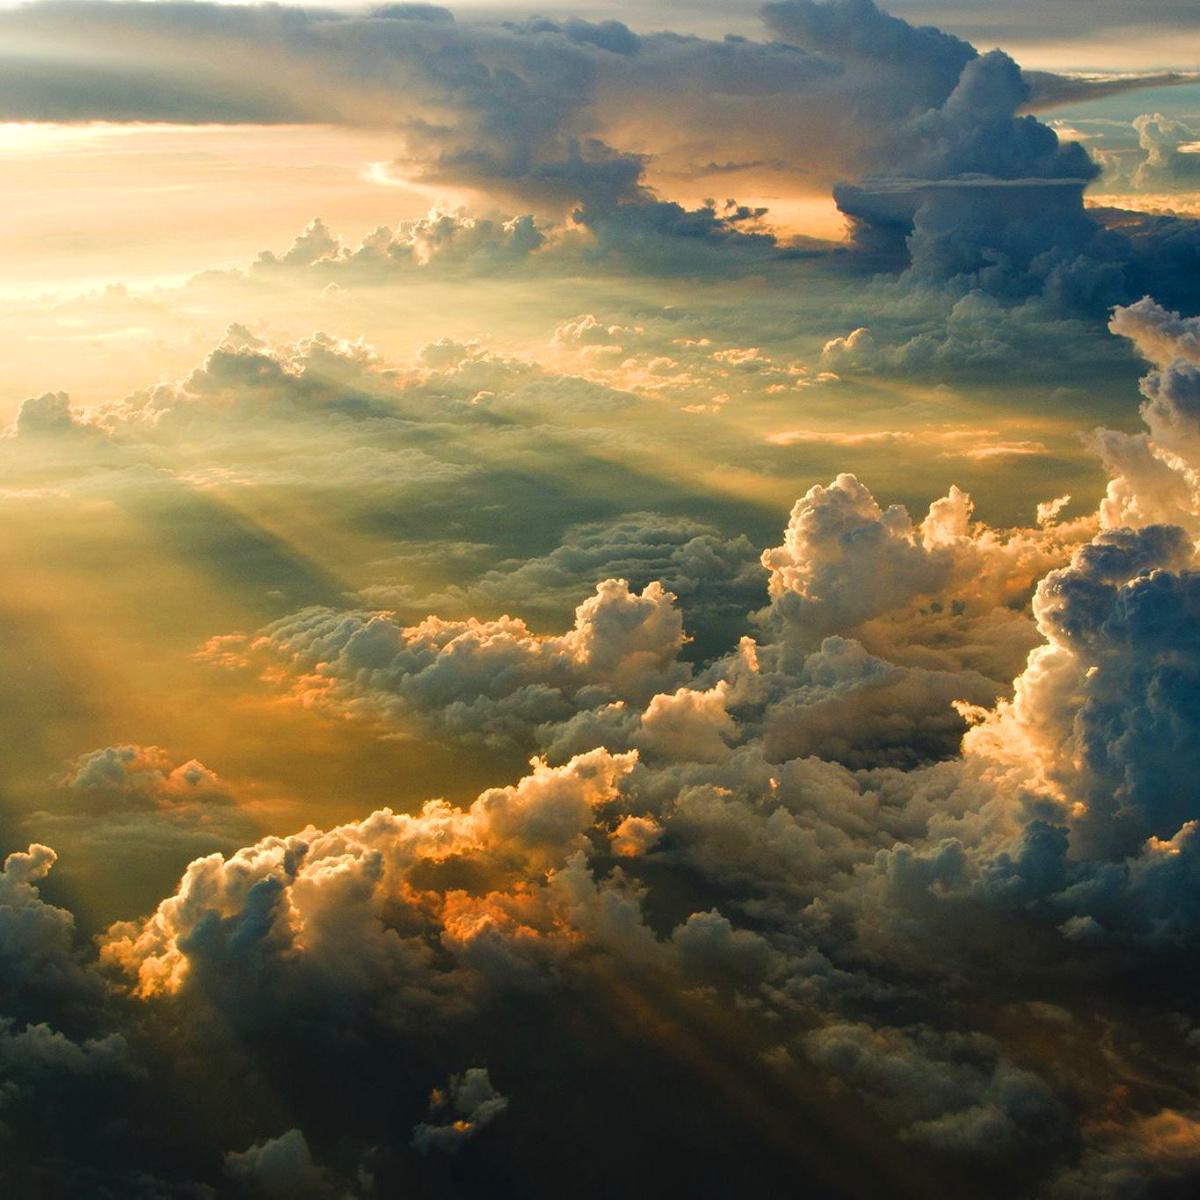 бог проснулся рано на рассвете говорят